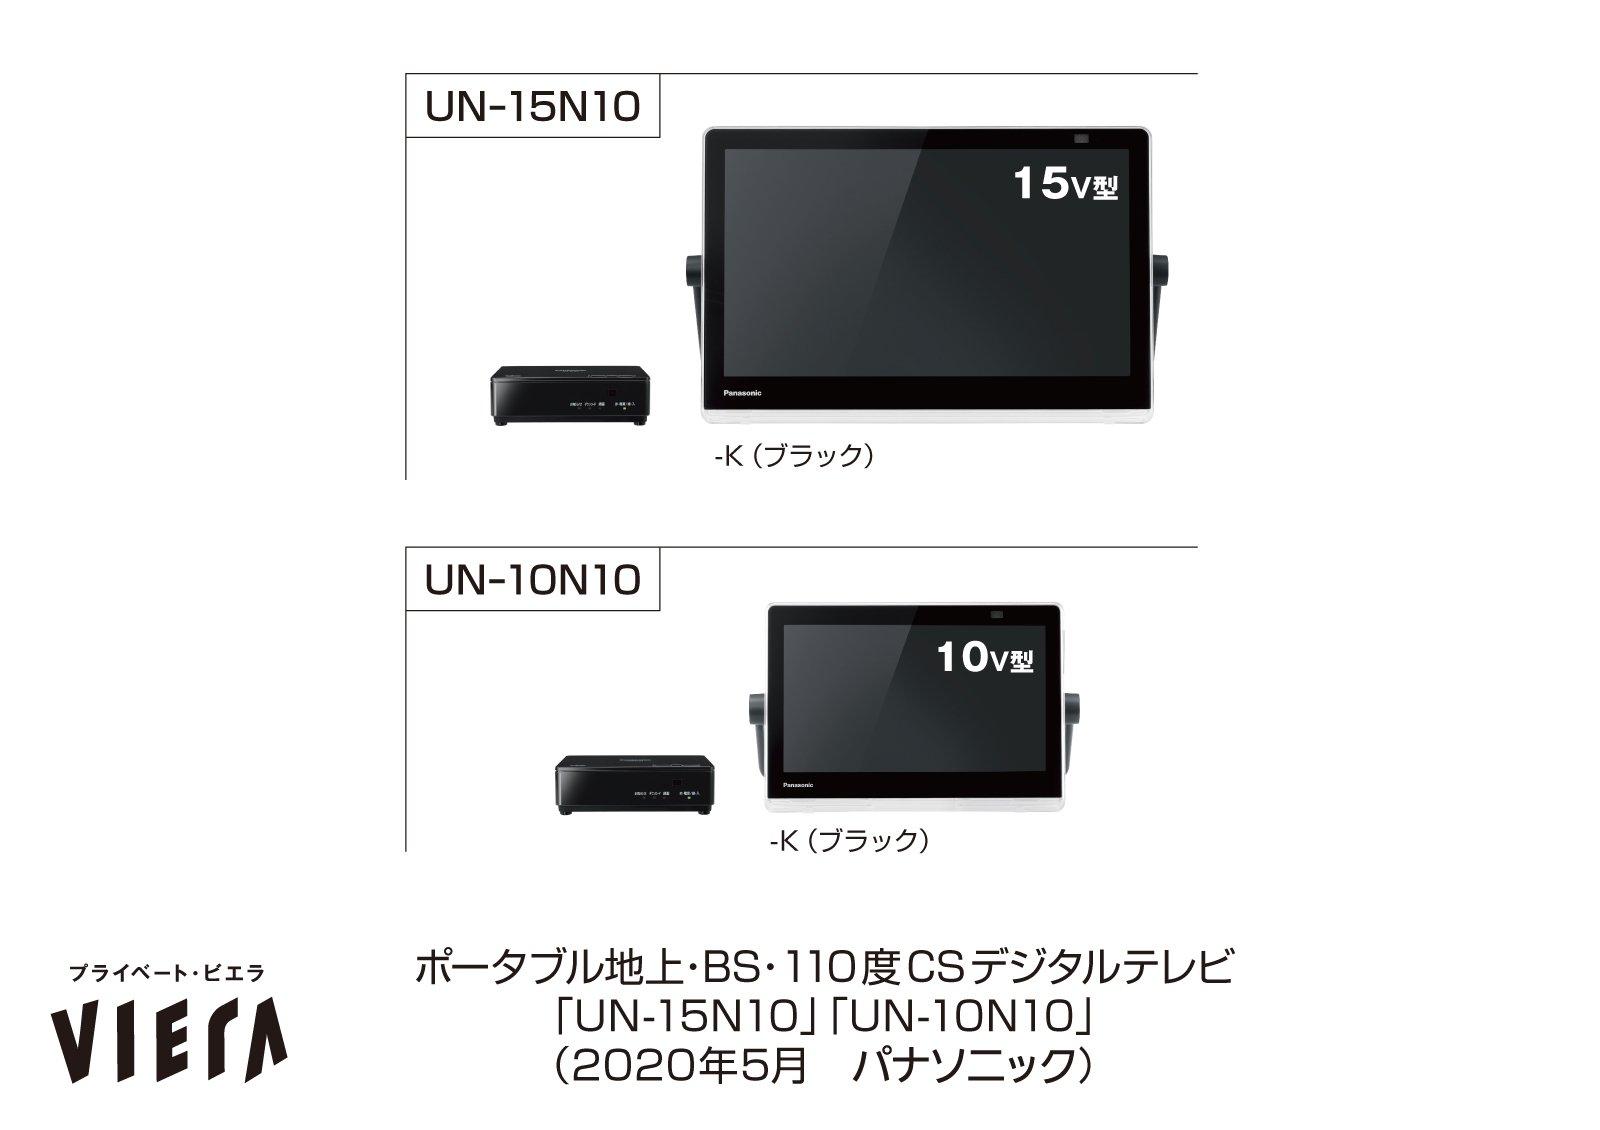 ポータブルテレビ「プライベート・ビエラ」UN-15N10/UN-10N10